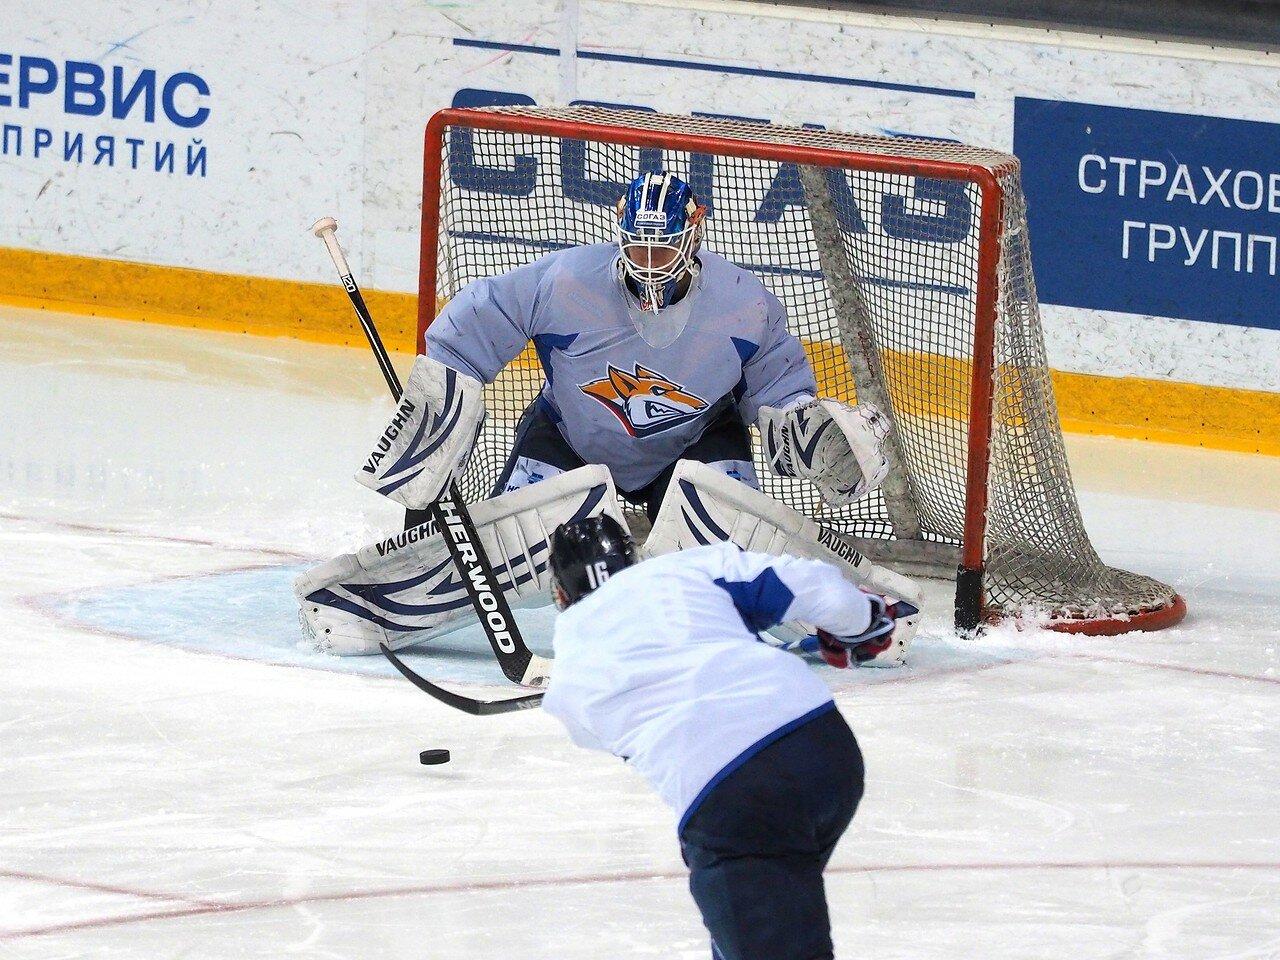 1 Открытая тренировка перед финалом плей-офф КХЛ 2017 06.04.2017